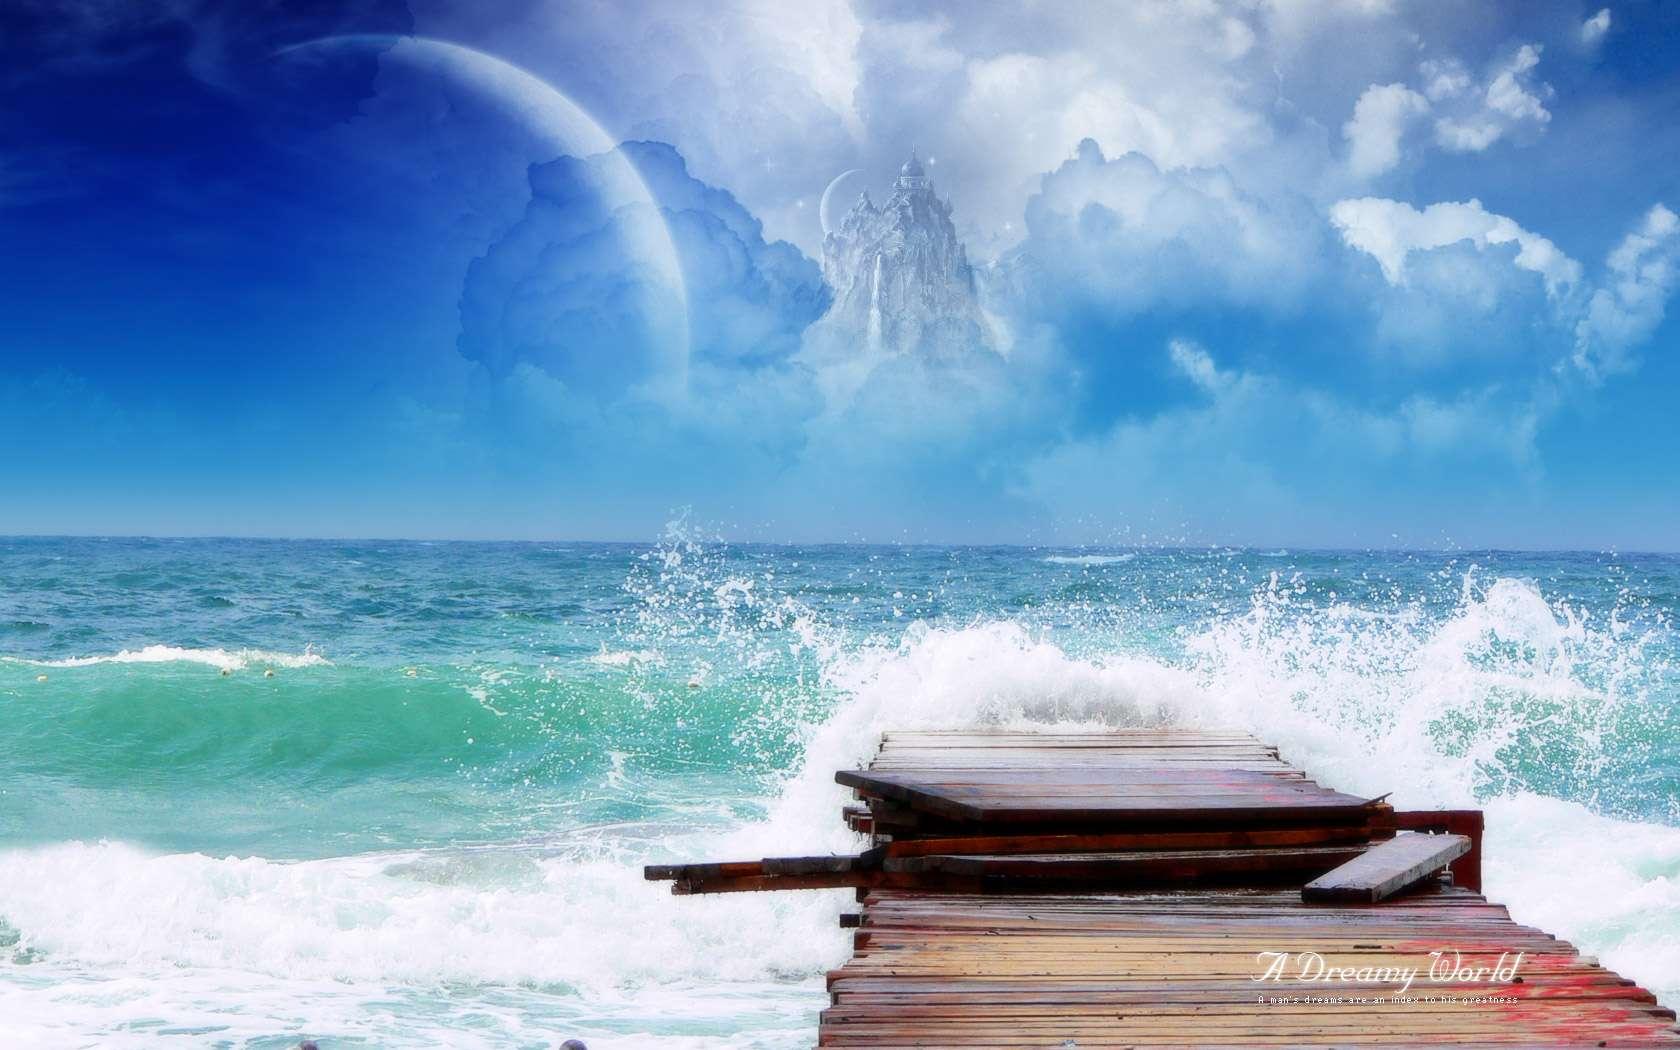 Fondos bautizo photoshop - Imagui